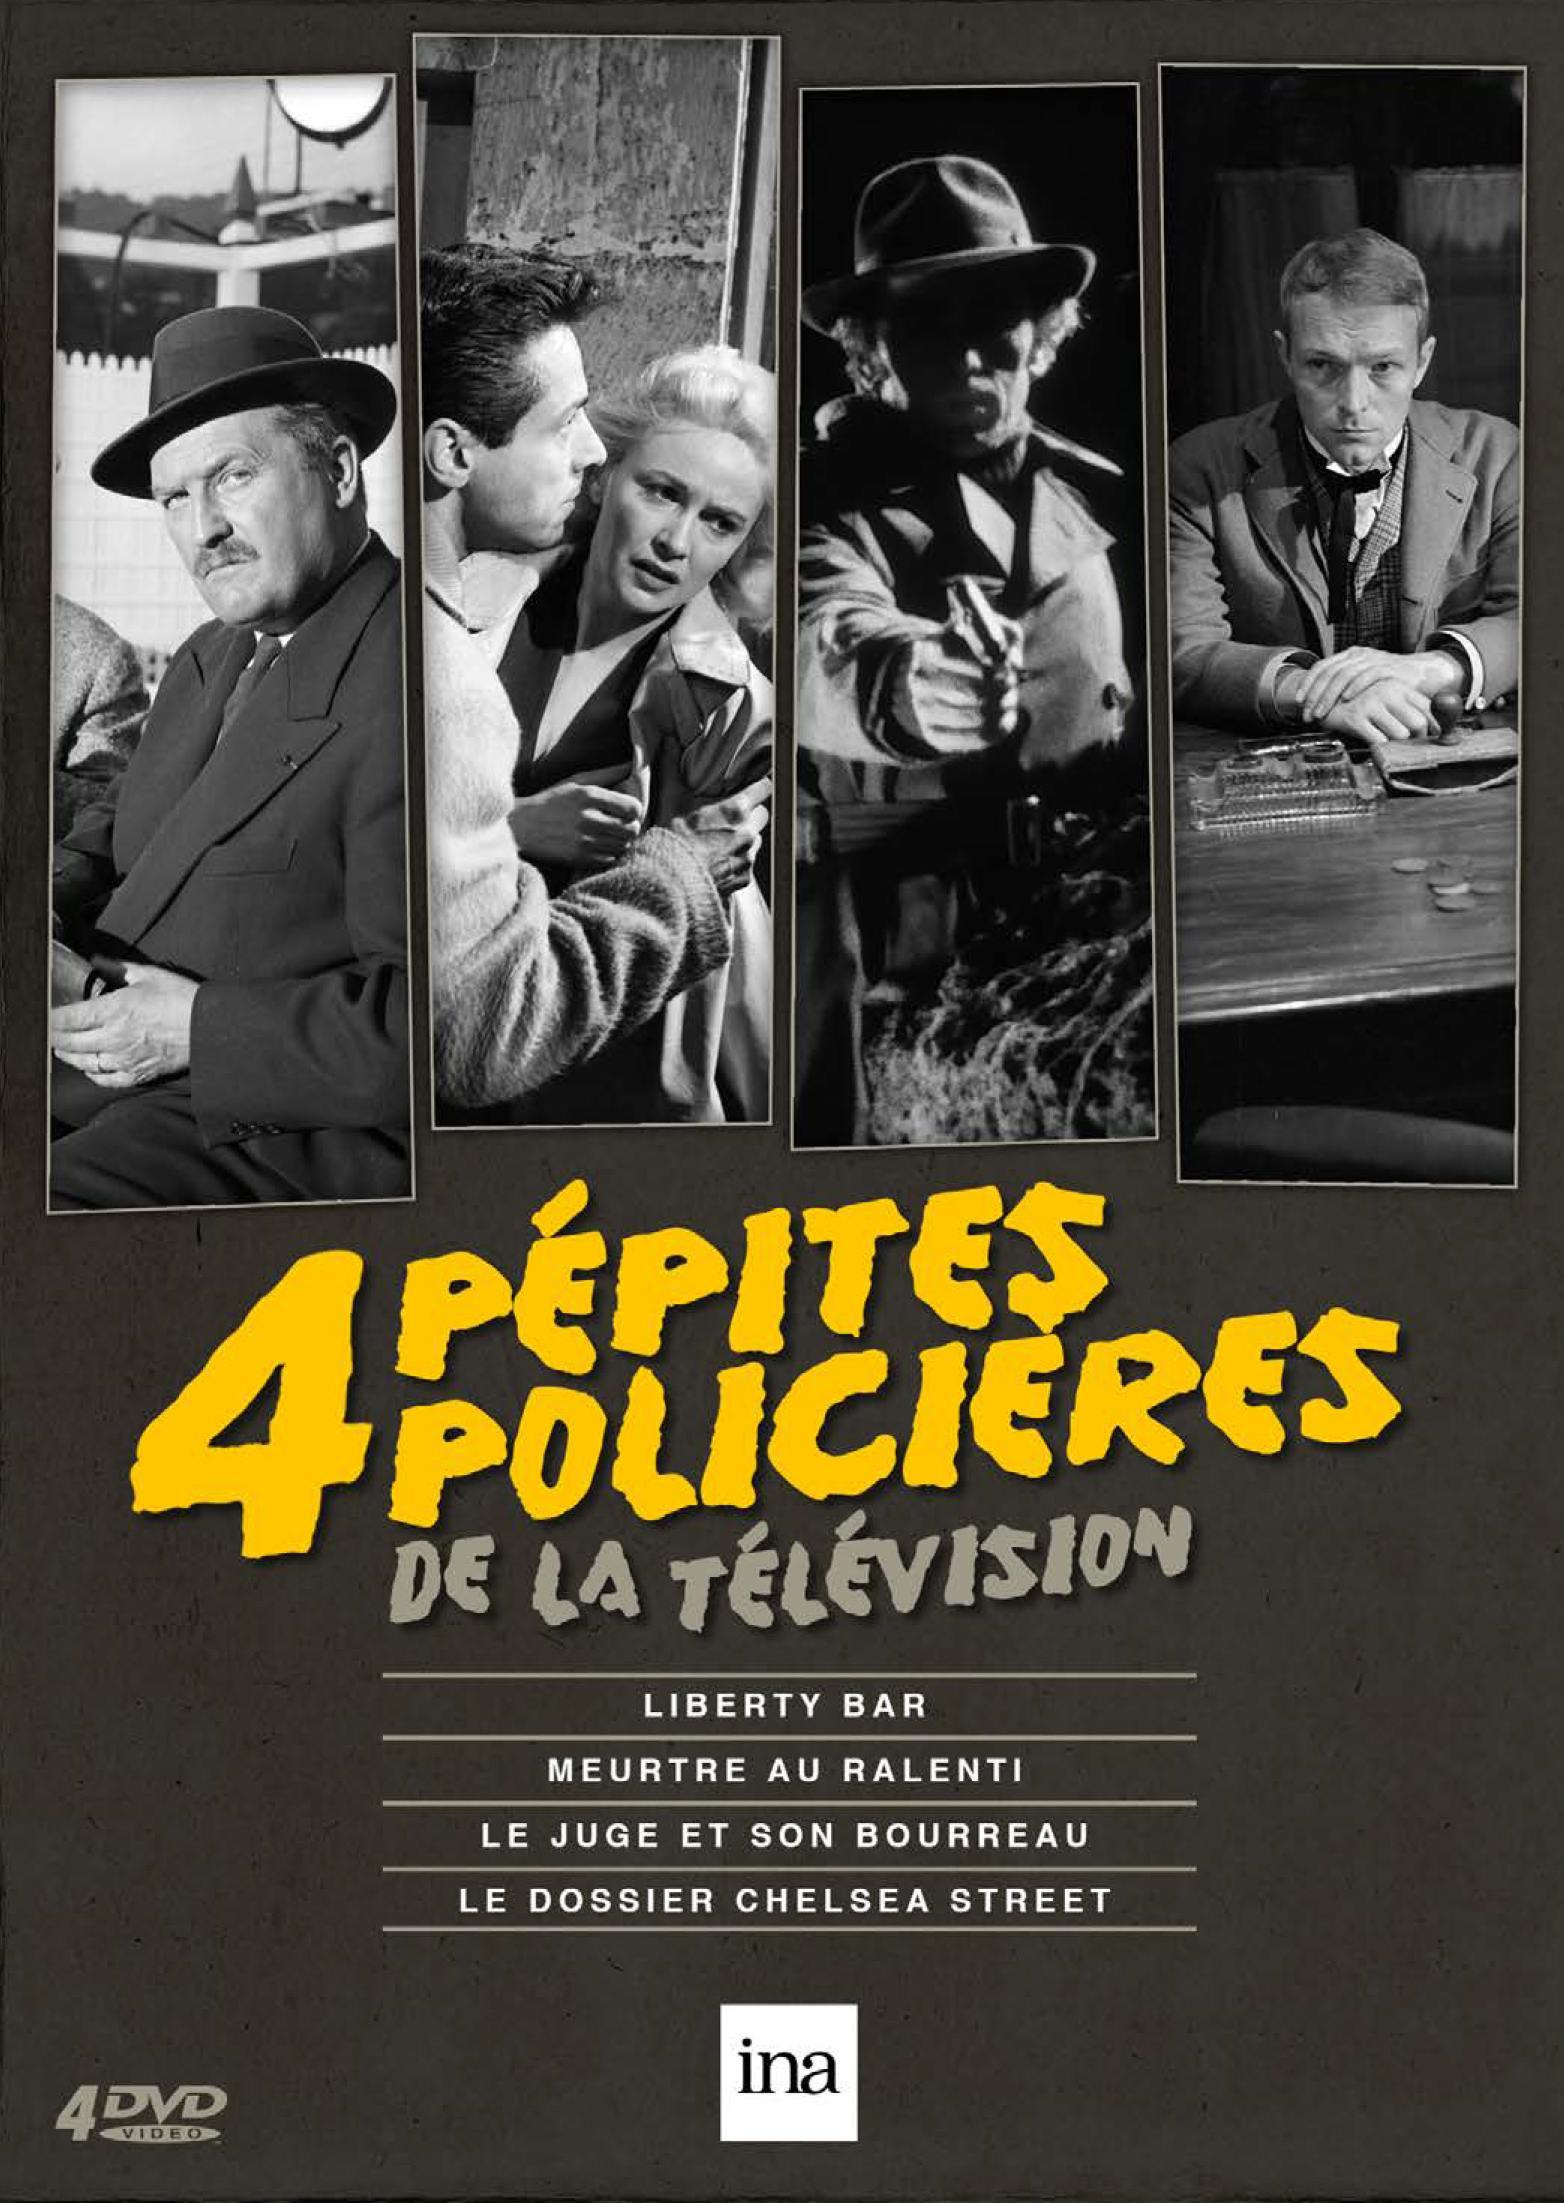 4 pepites policieres de la television - 4 dvd